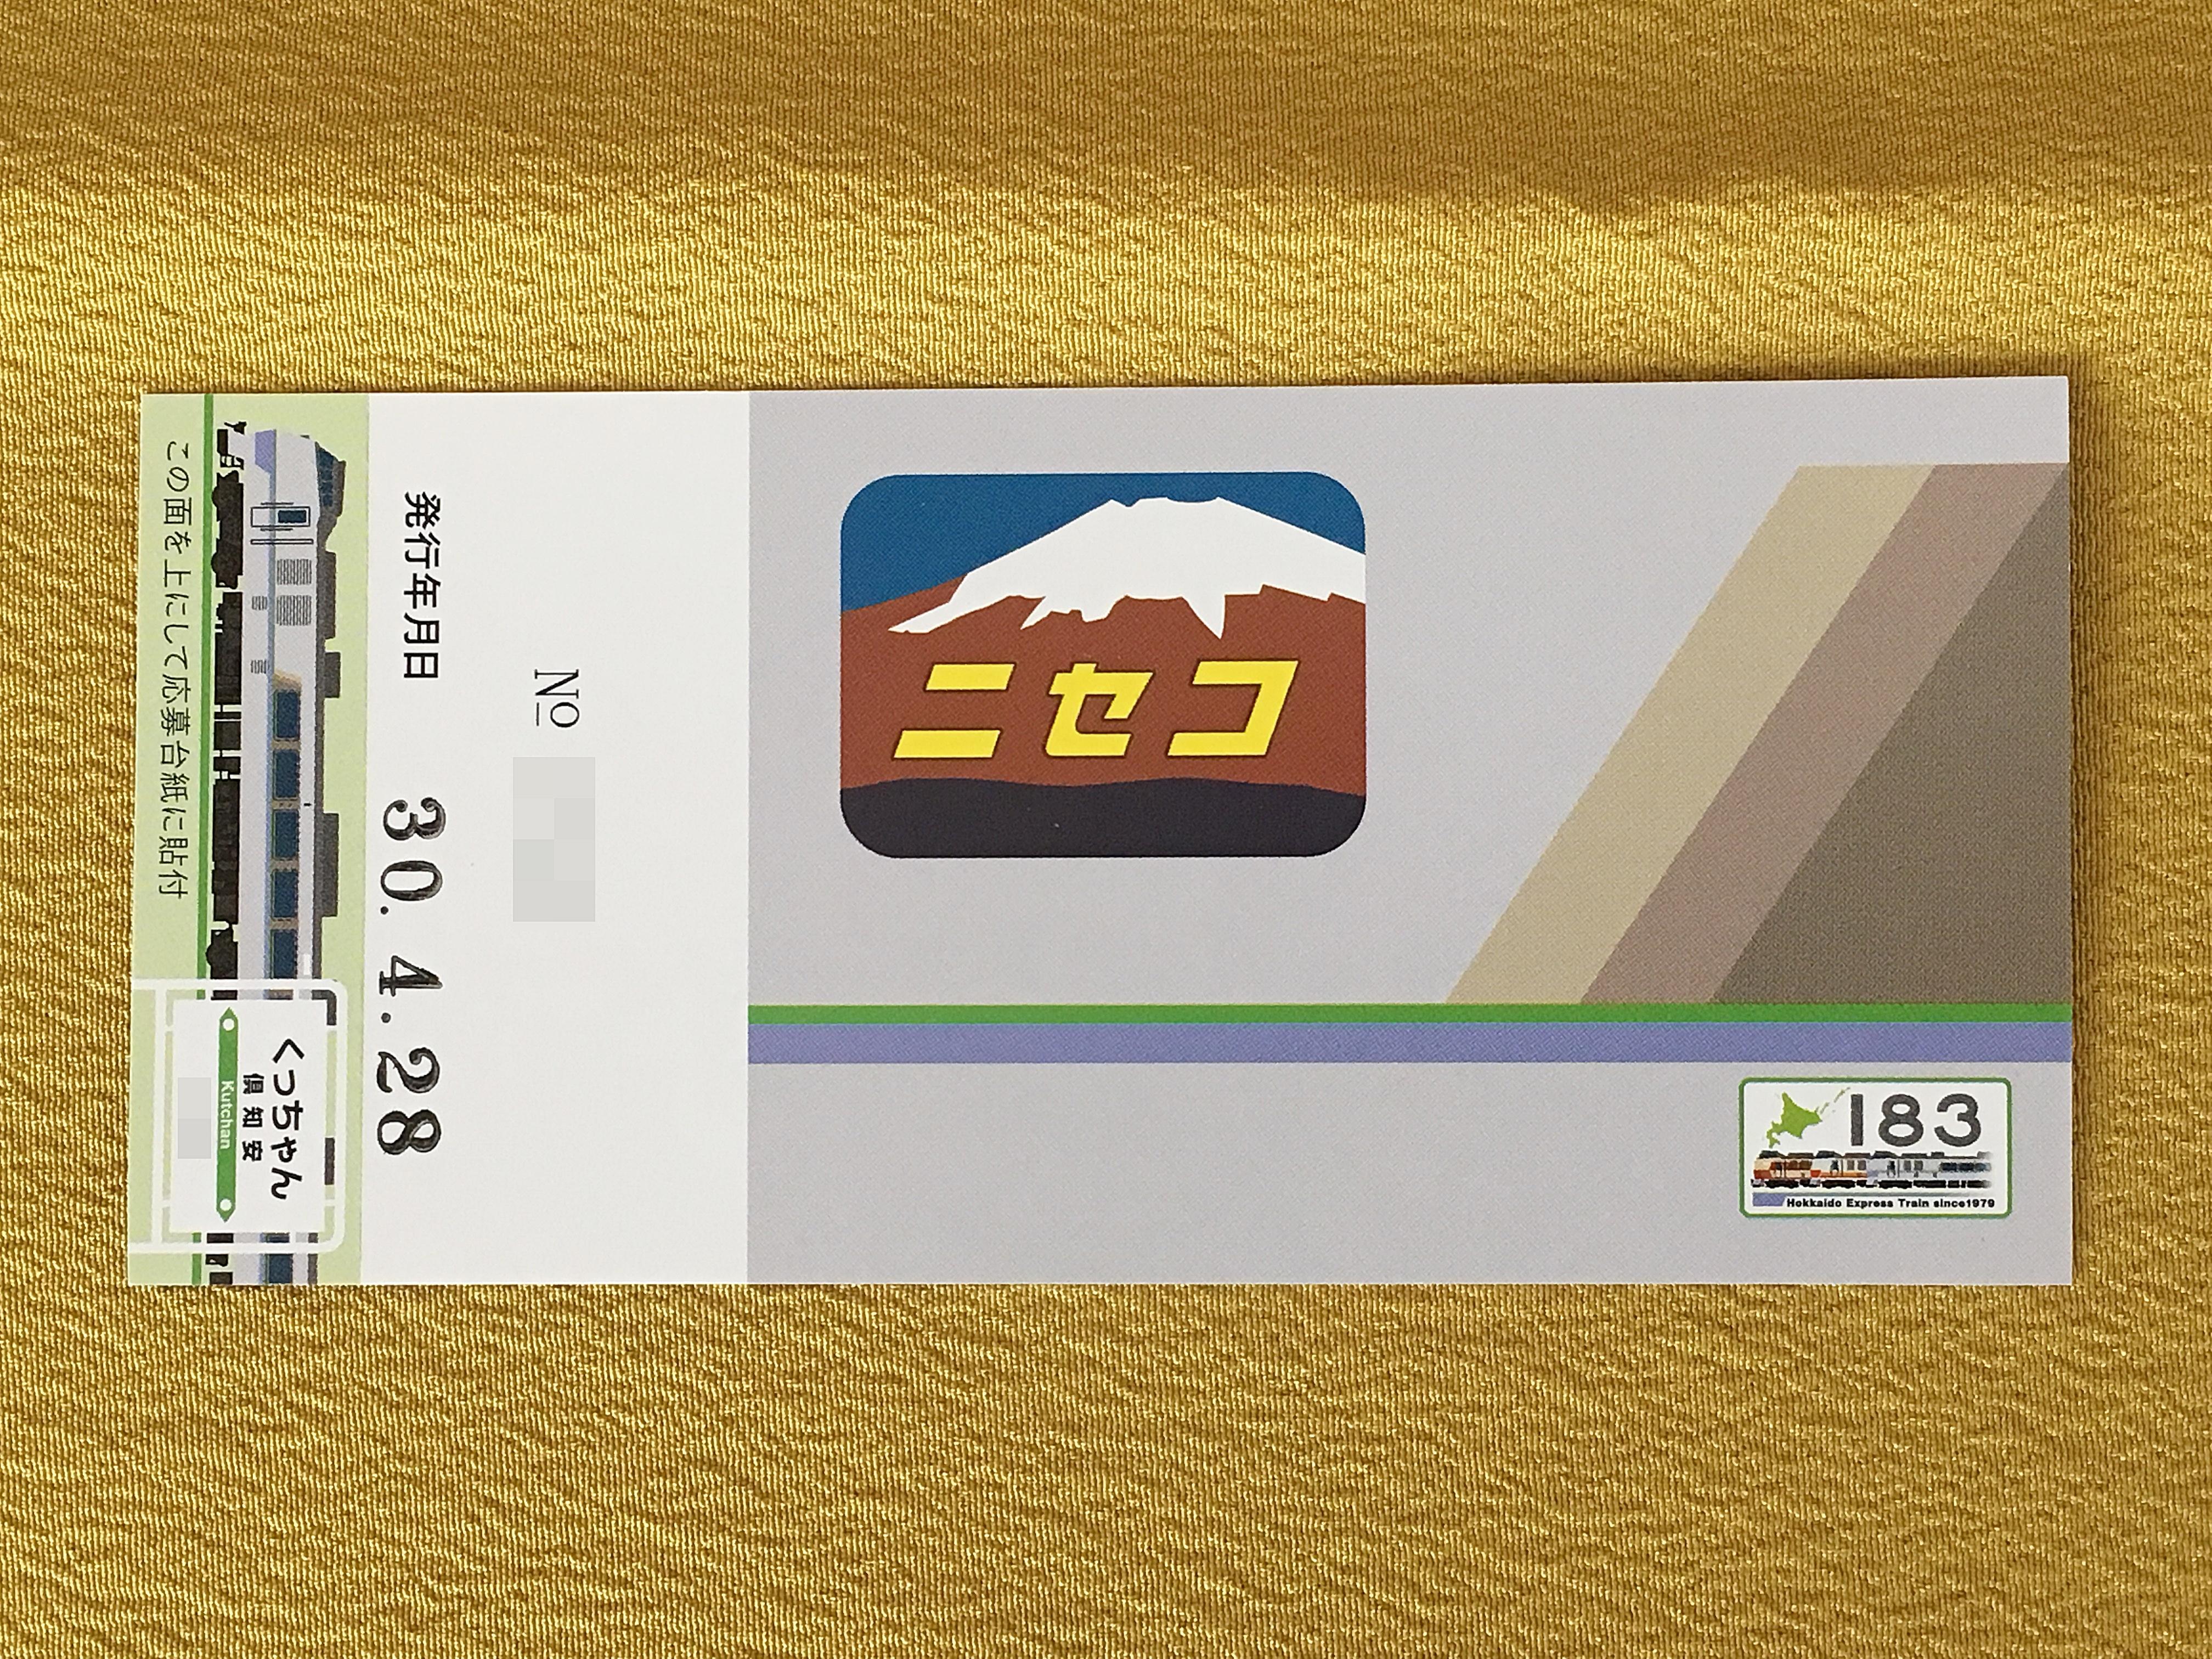 キハ183-0系記念入場券 倶知安駅裏.JPG